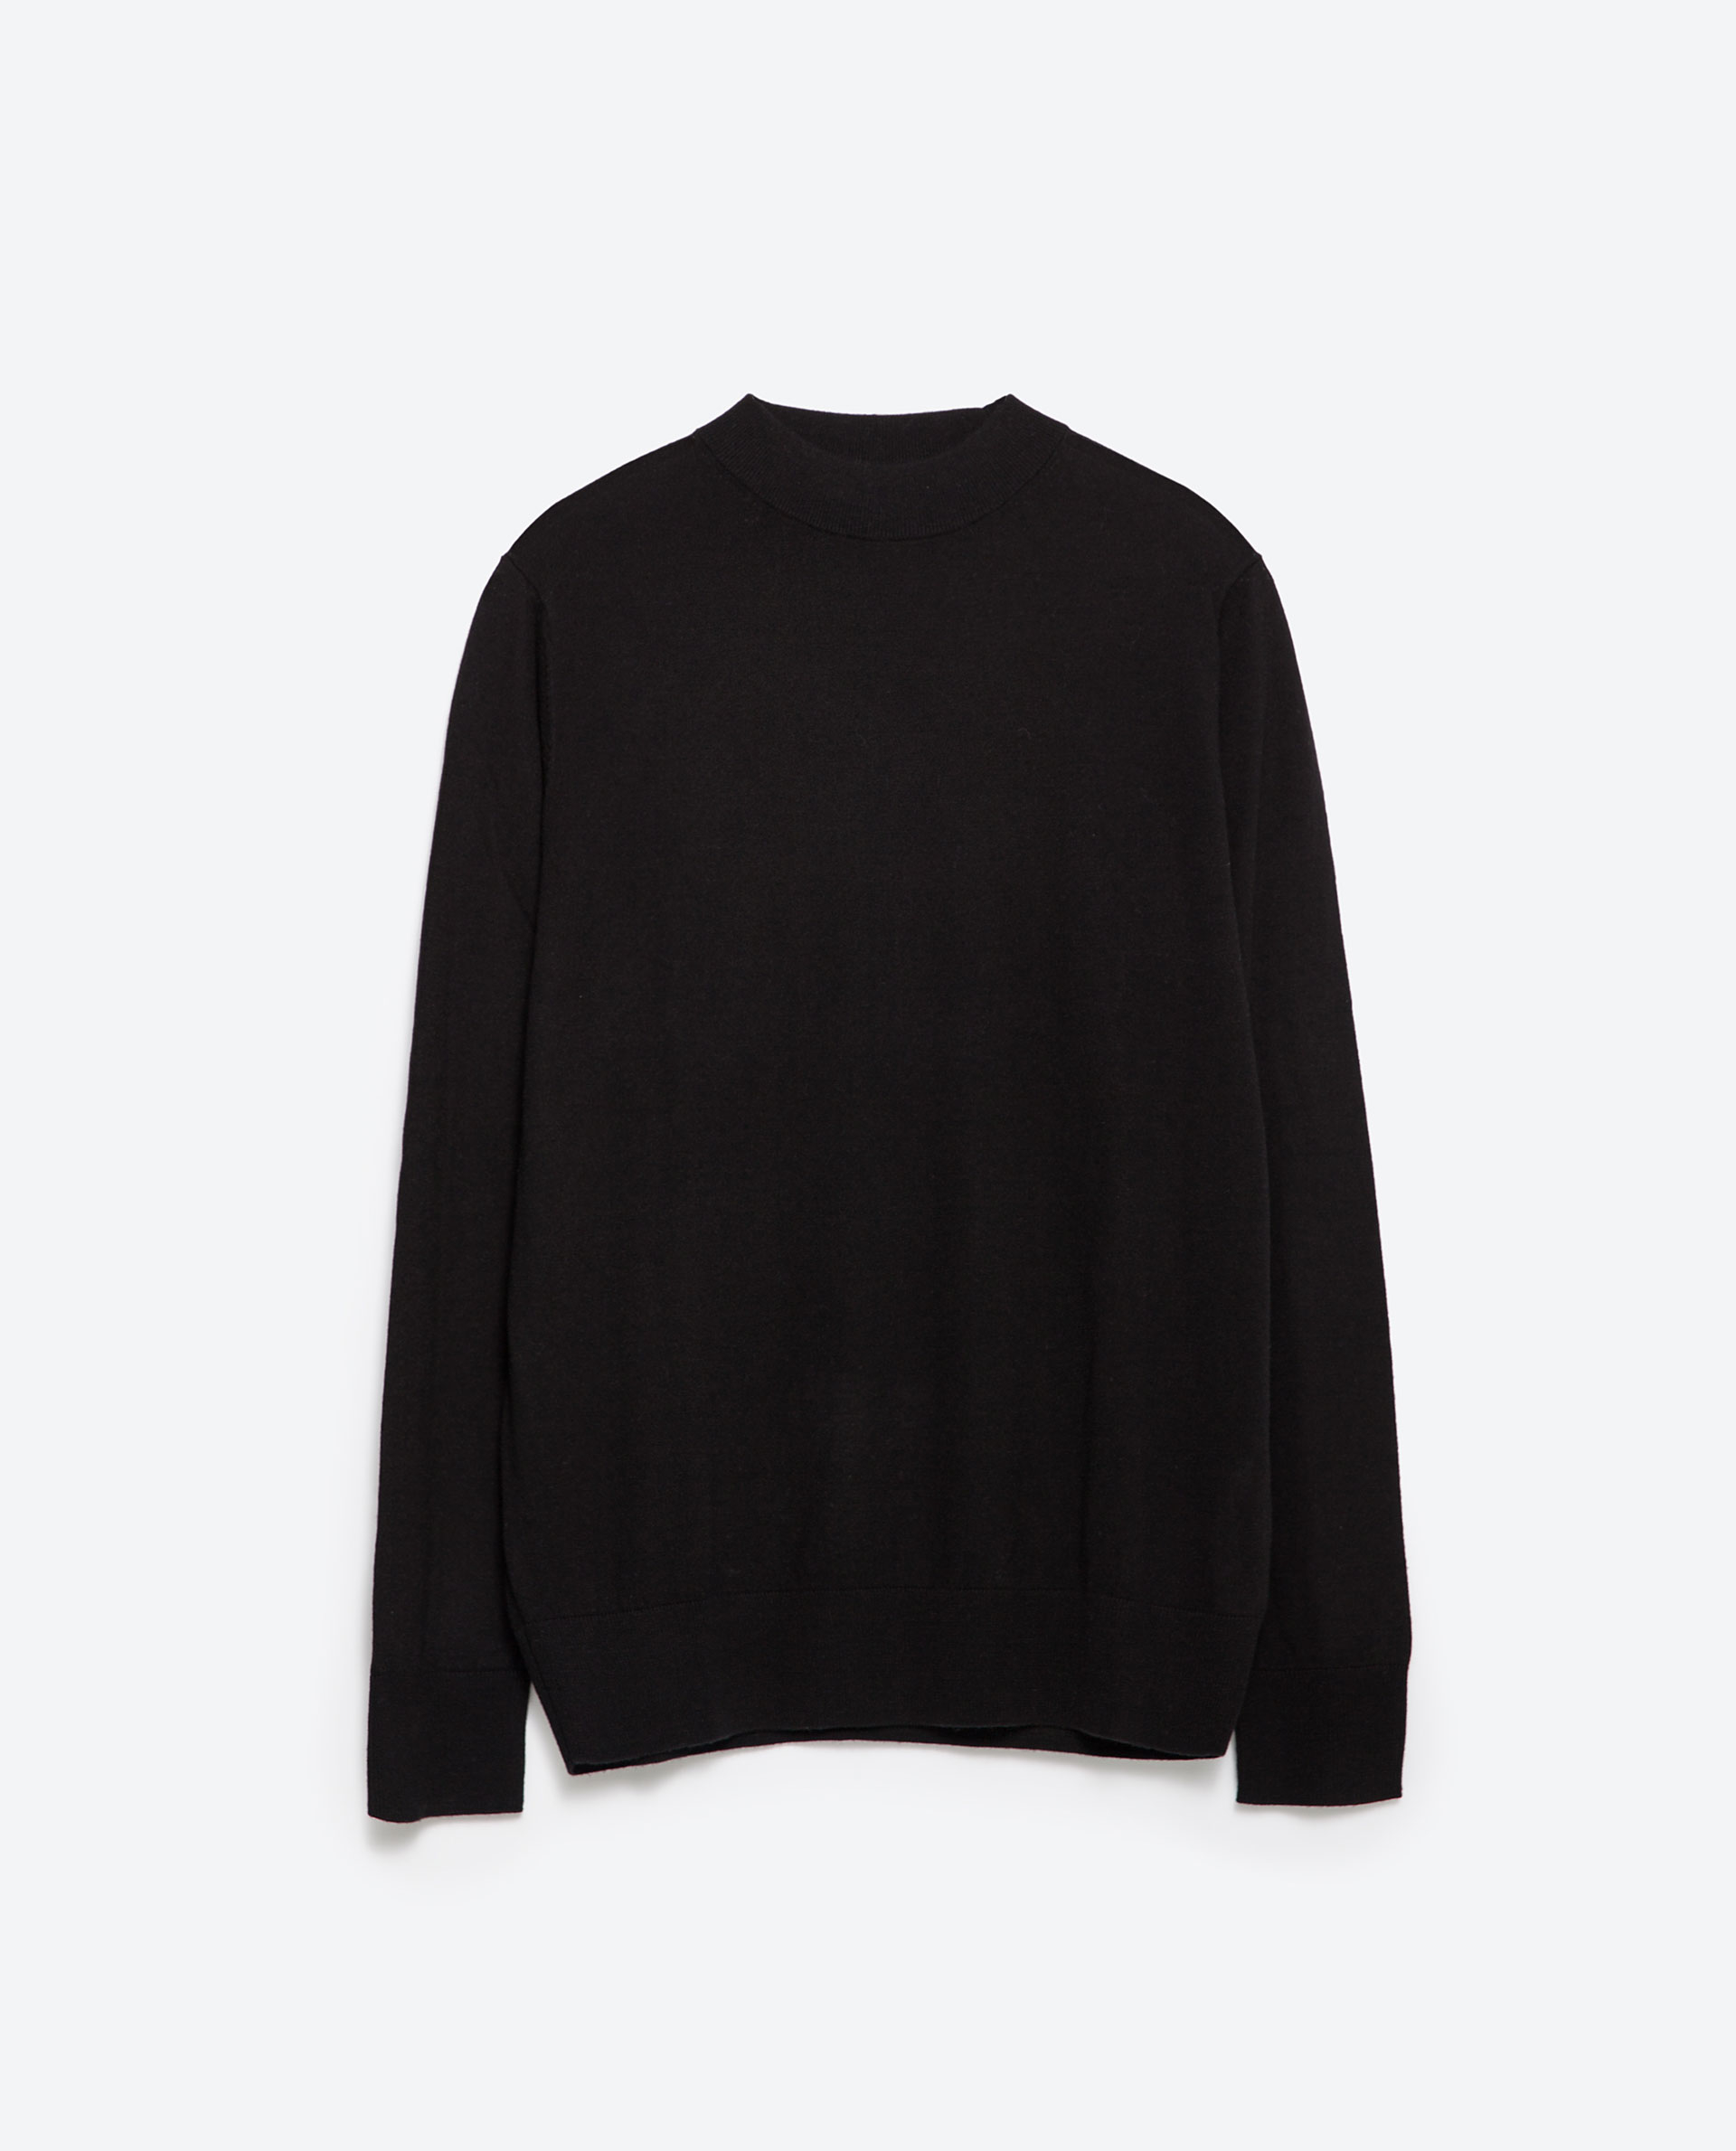 Zara Black High Neck Sweater 99